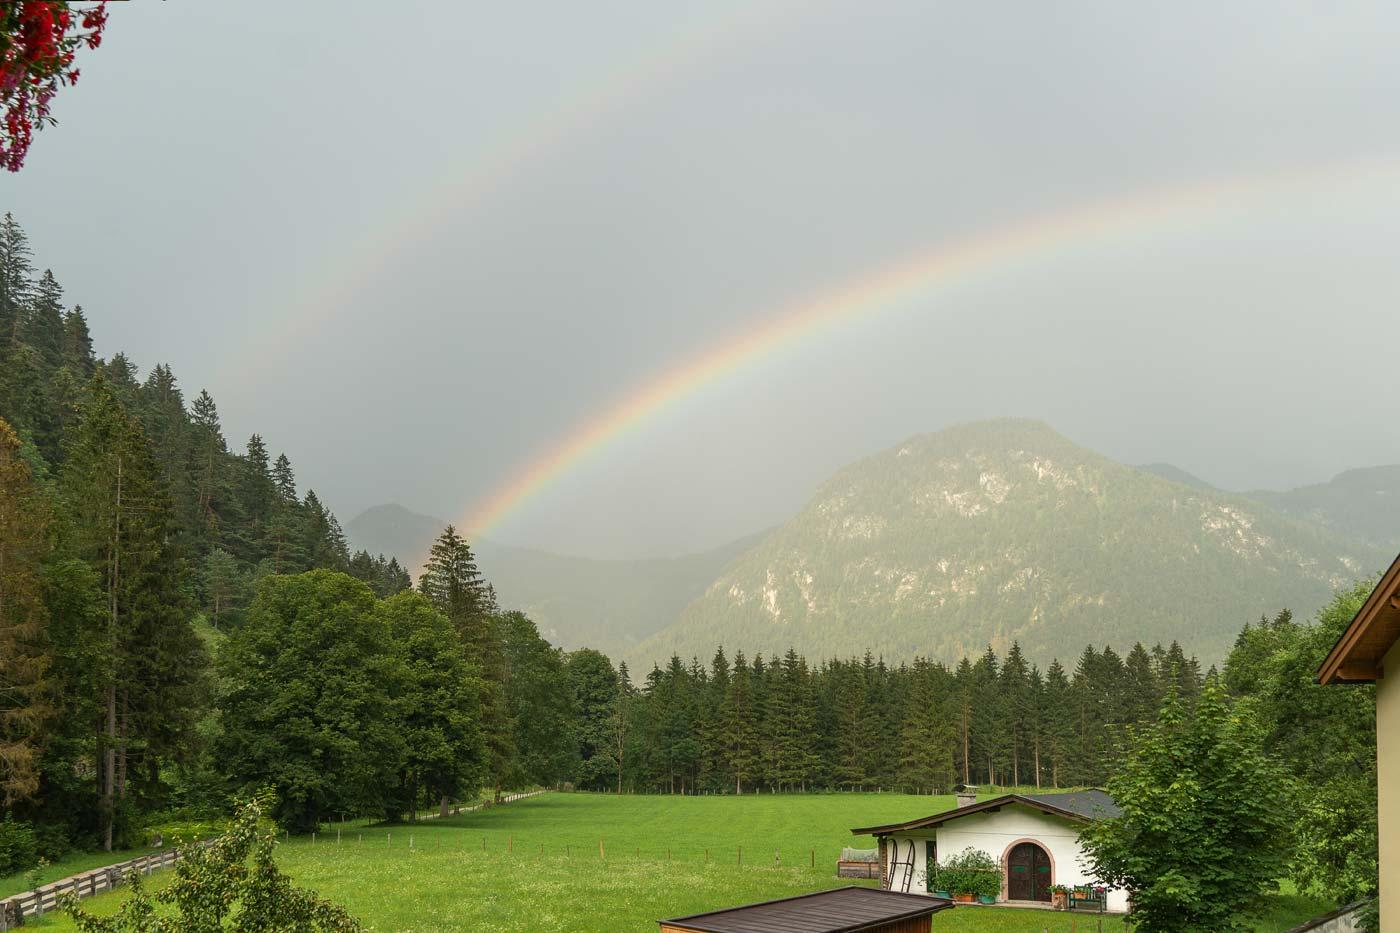 Радуга после ливня, Лофер, Австрия